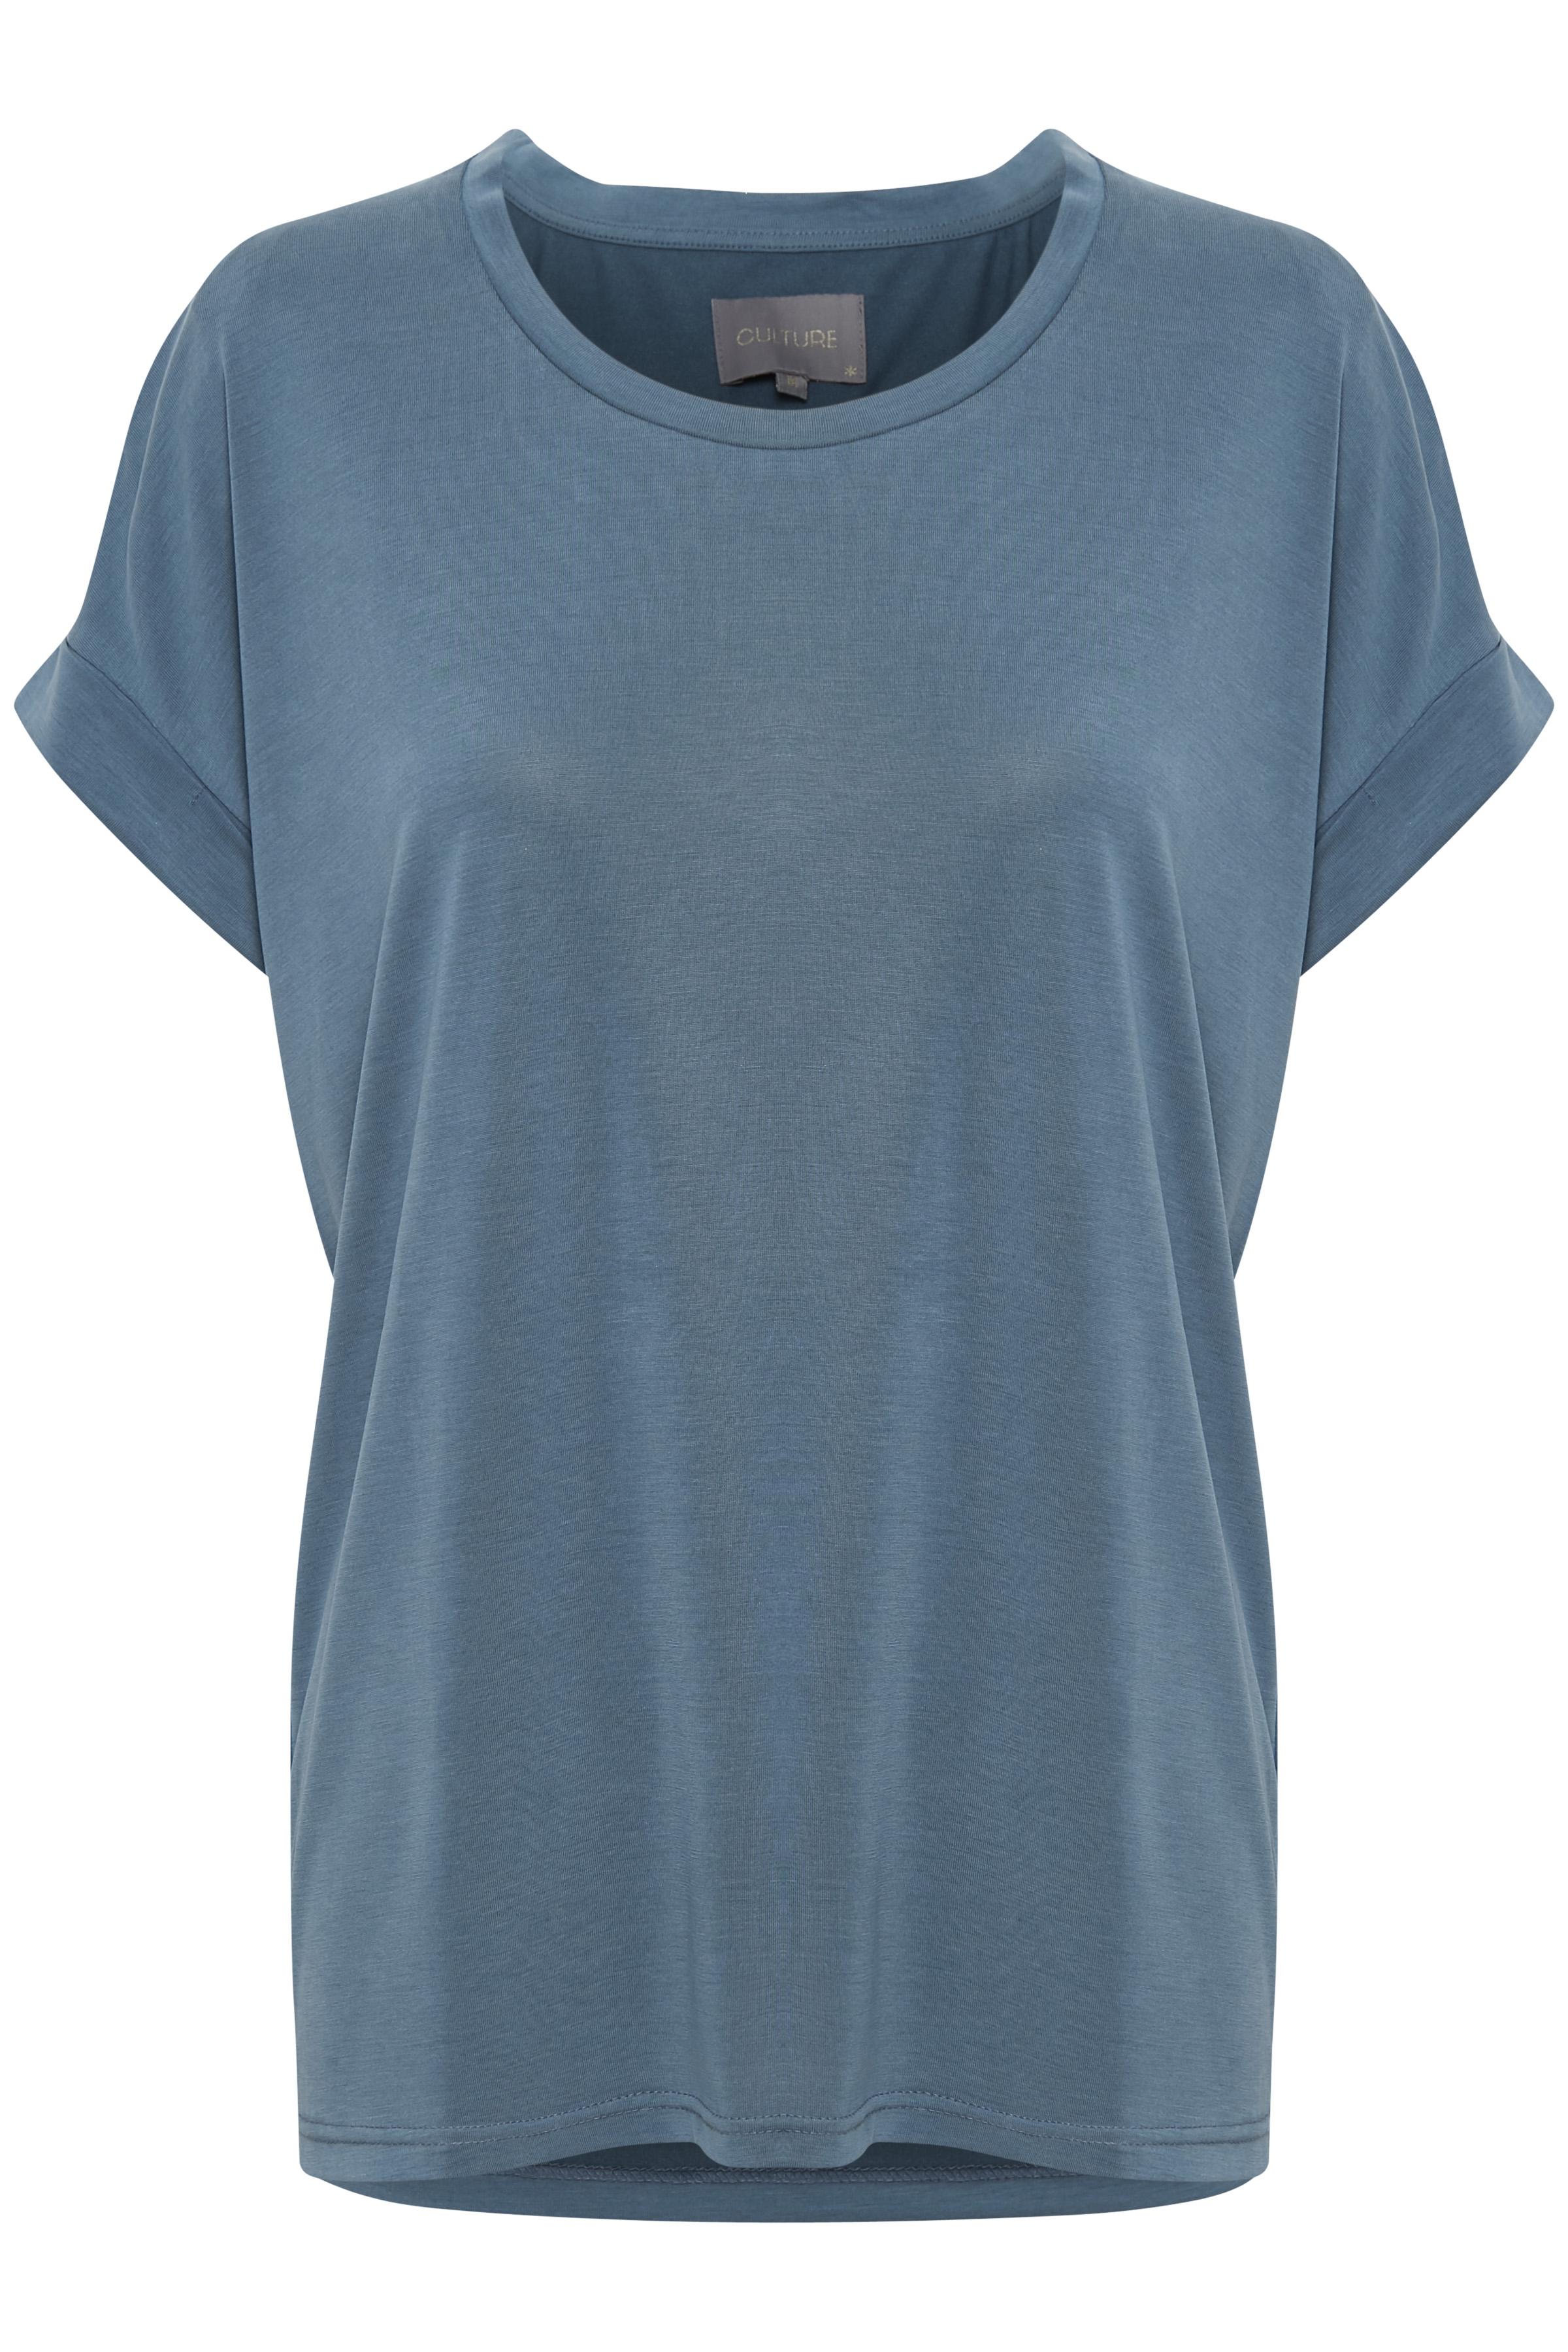 Image of Culture Dame Kortærmet T-shirt  - Støvet blå